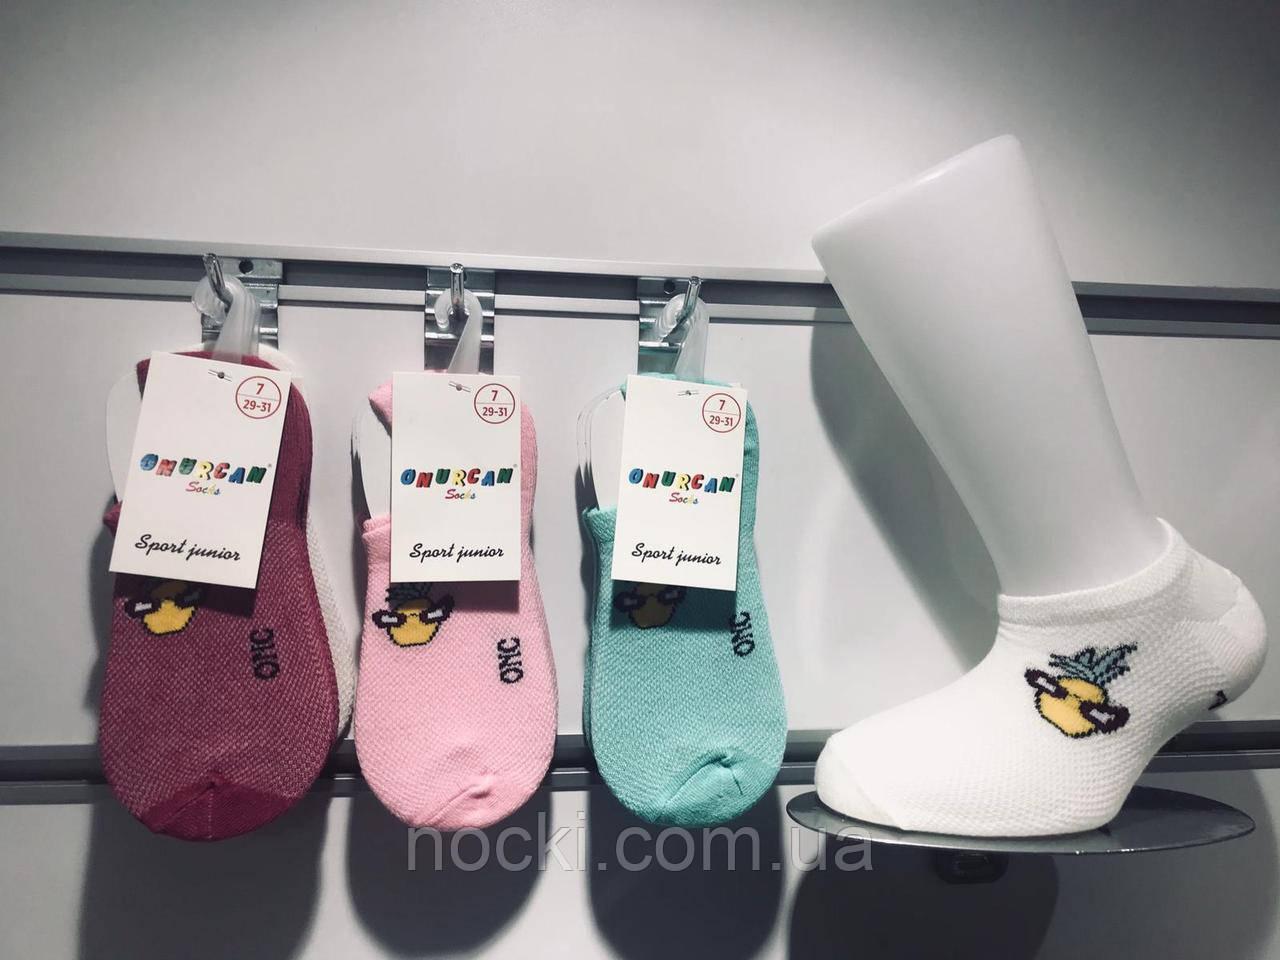 Детские носки в сеточку Onurcan б/р 9  0125